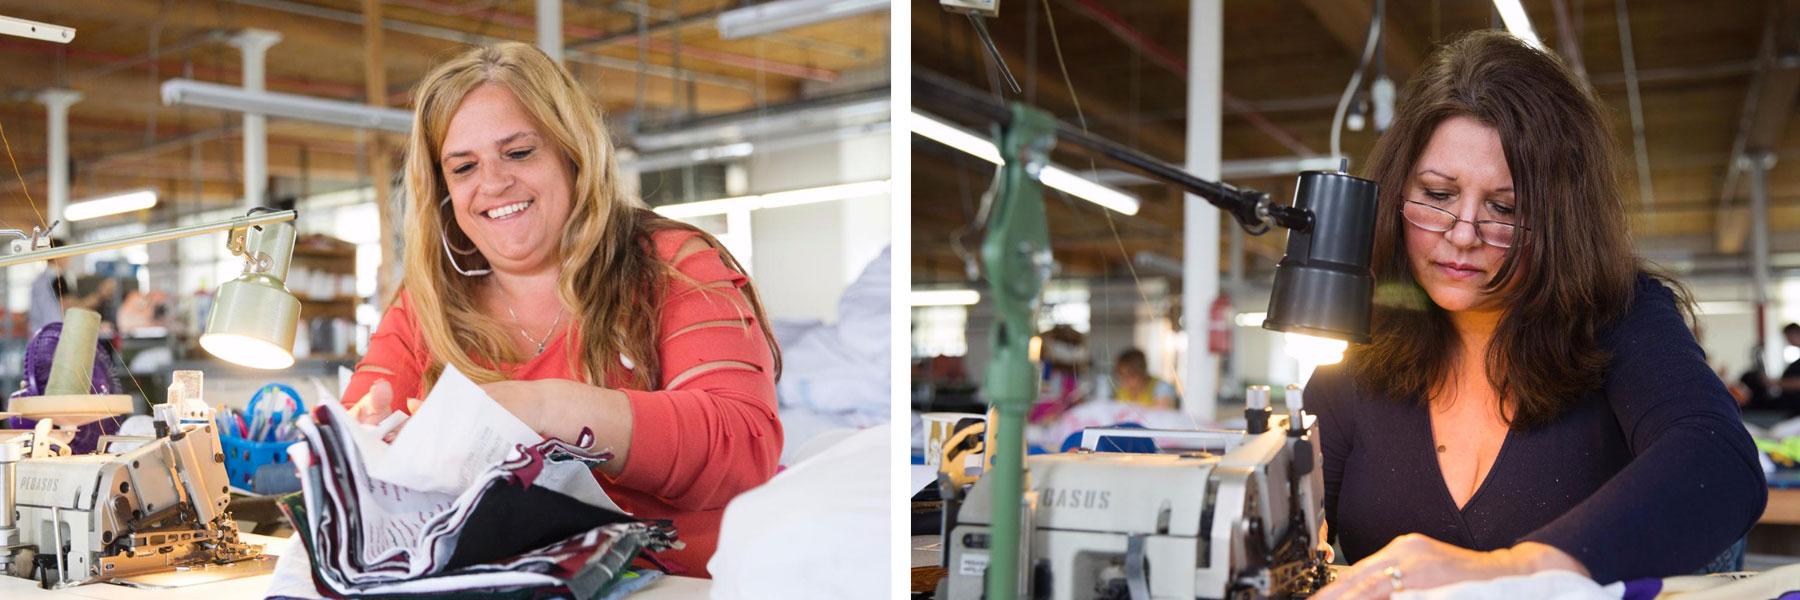 2 – 4 تصویر از مصاحبه کننده ها هنگام کار